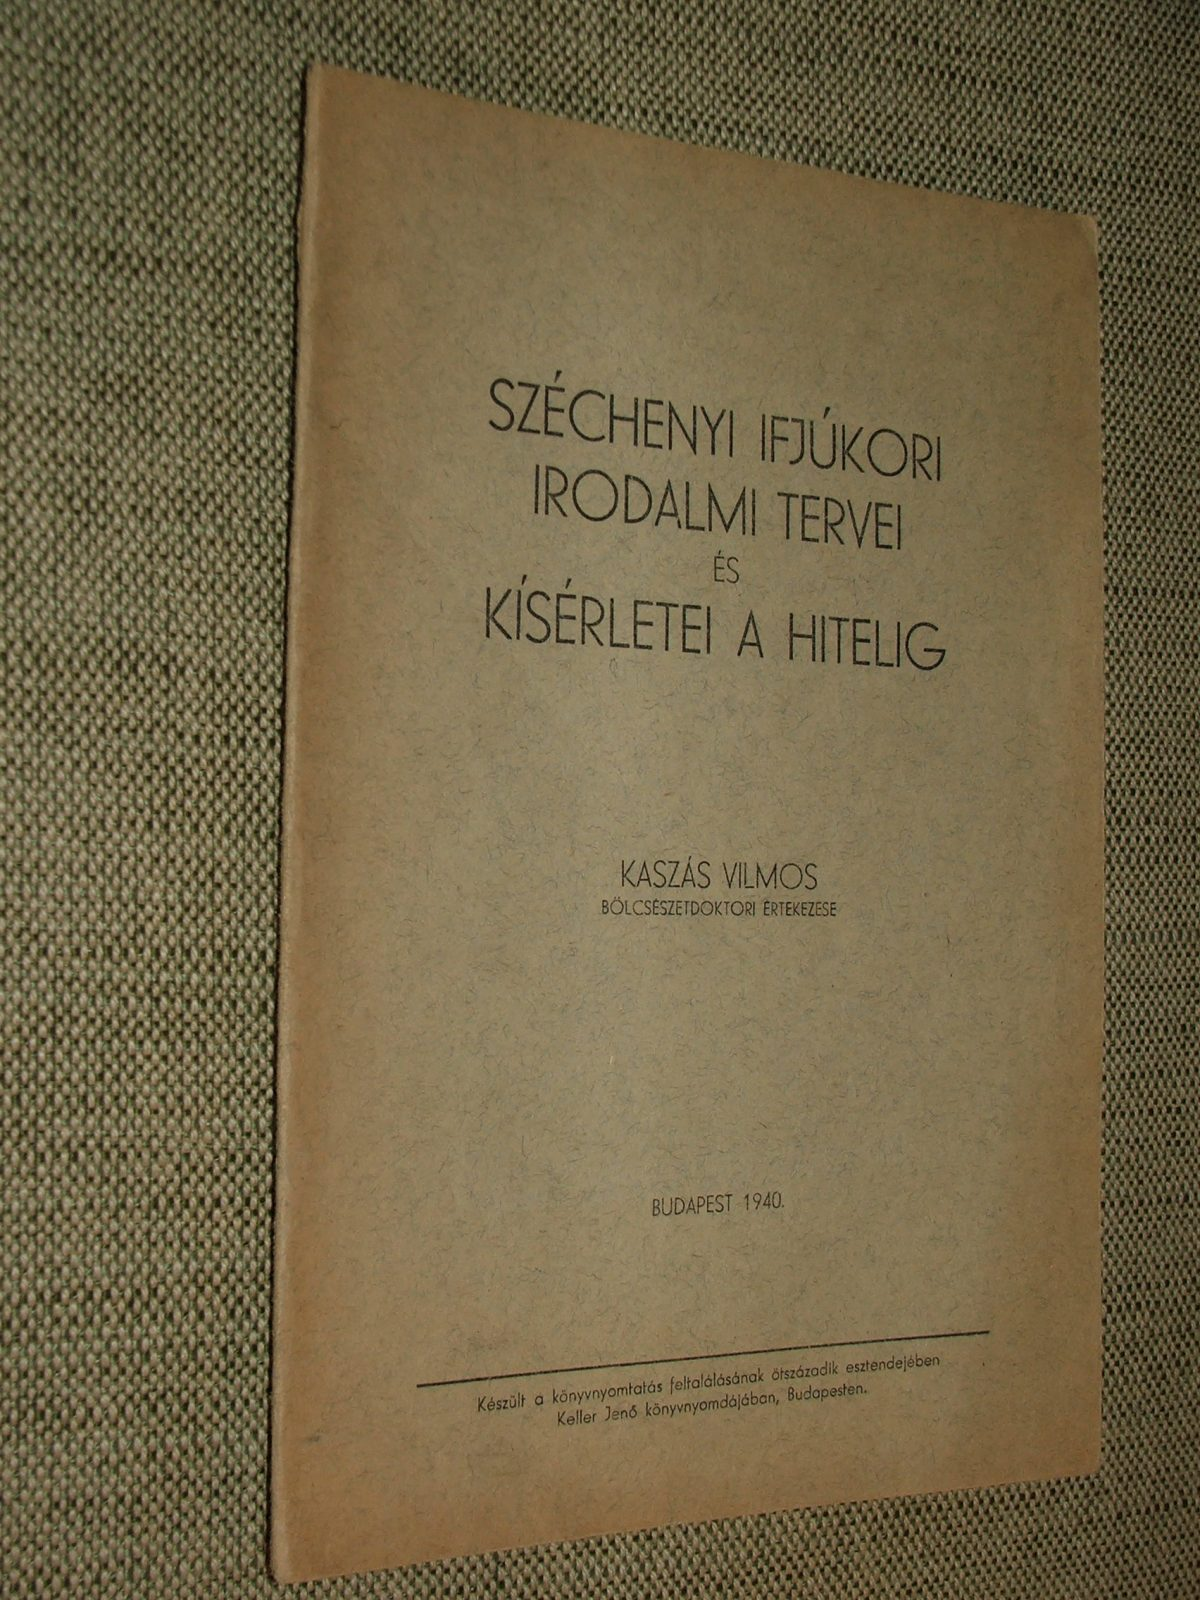 KASZÁS Vilmos: Széchenyi ifjúkori irodalmi tervei és kísérletei a Hitelig